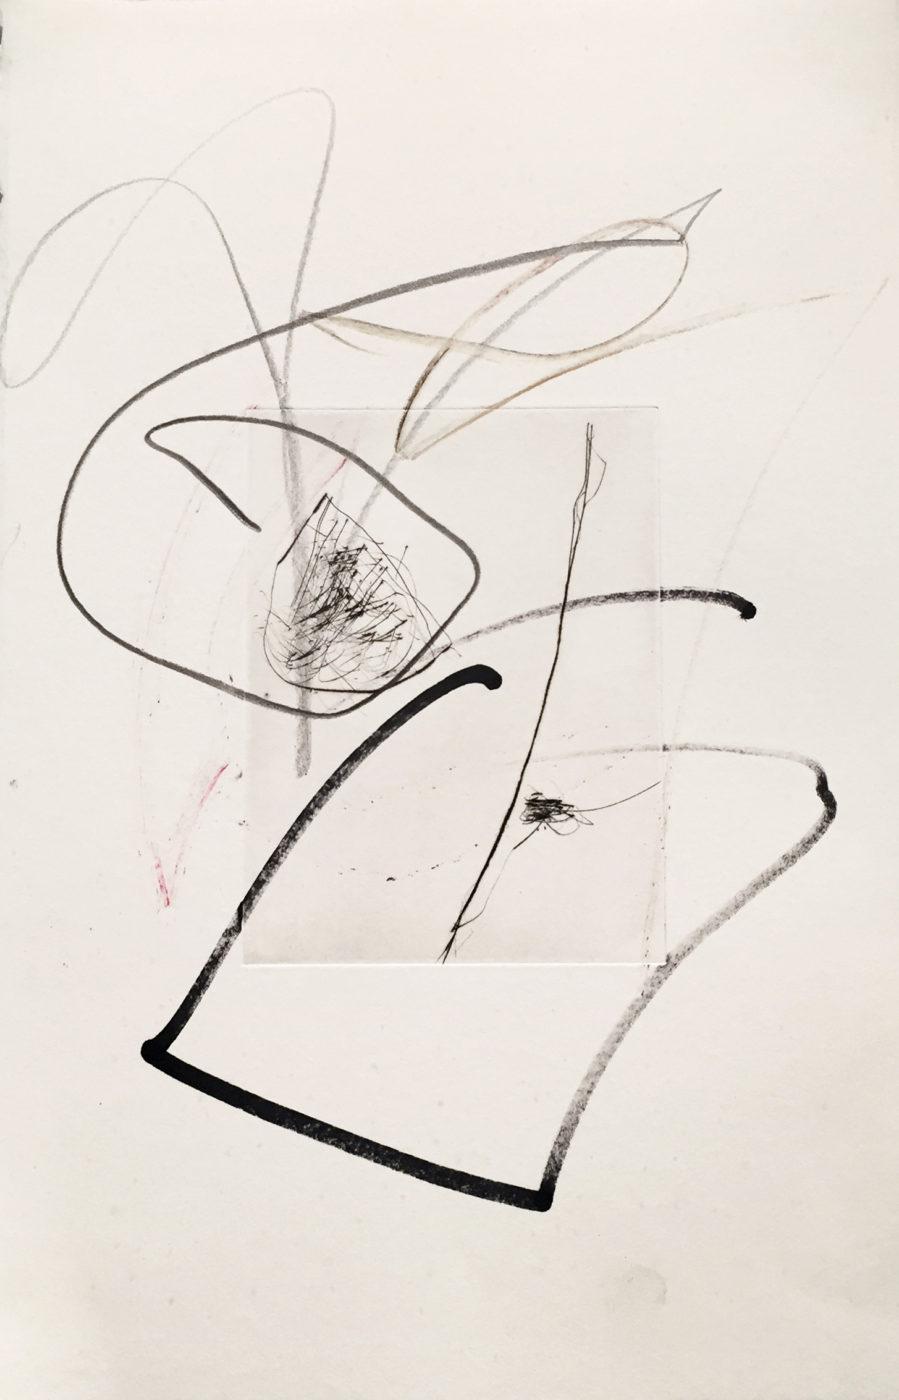 MARC FELD 2010-2016 LIGNES DE FUITE 3 Gravure sur zinc rehaussée au stylo feutre et à la mine de plomb 28 x 38 cm tirage Patrick Vernet